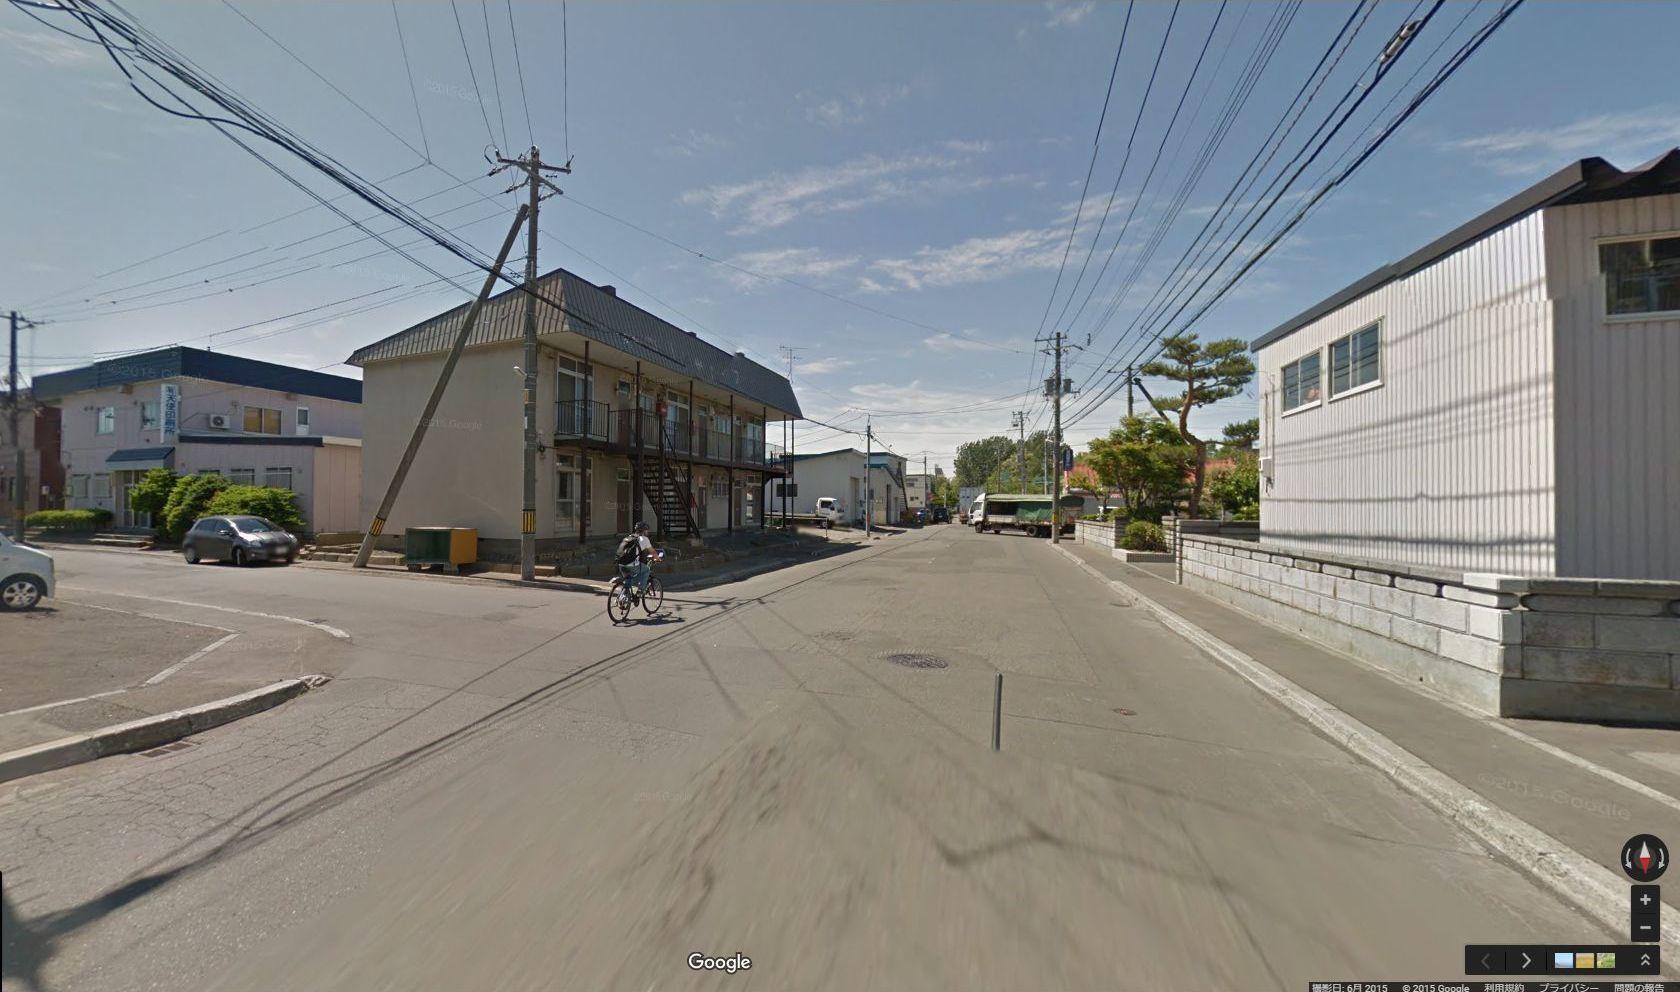 半年前に出会ったグーグル・ストリートビュー撮影車に撮られていた_c0025115_17445653.jpg